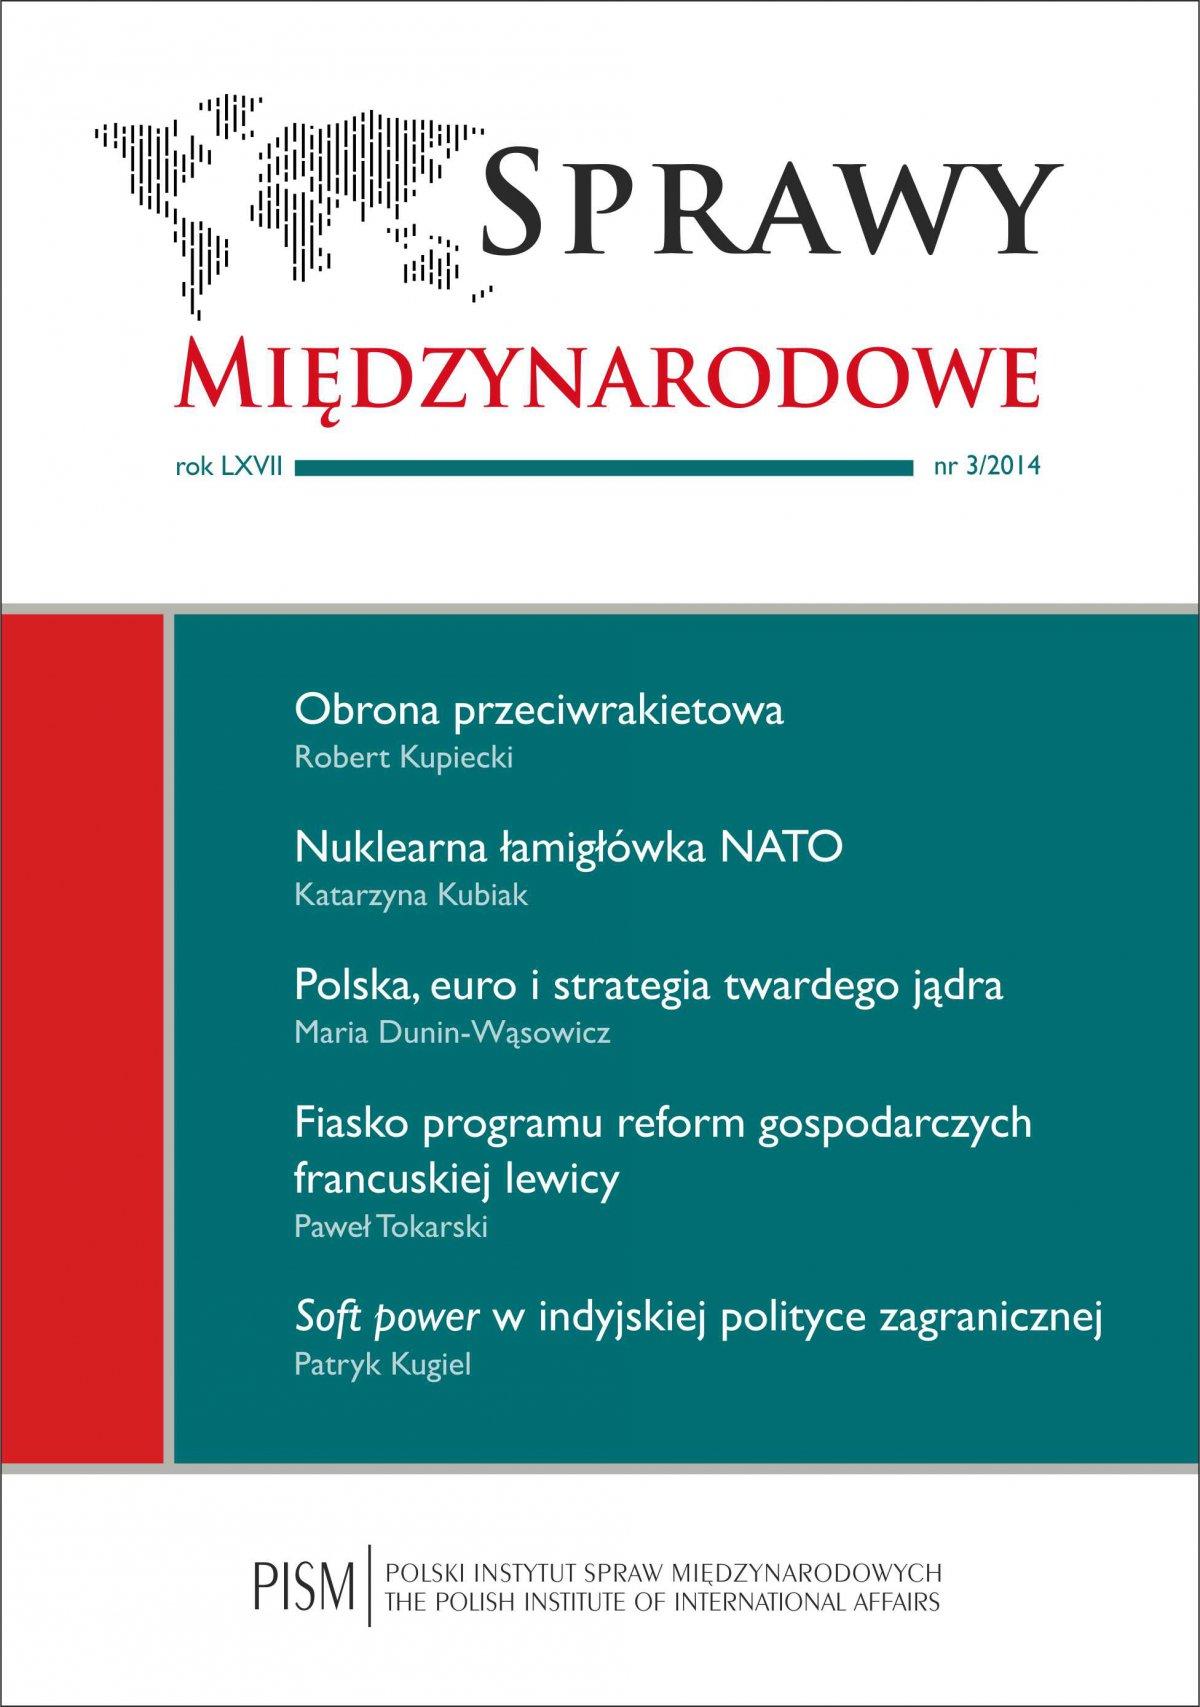 Sprawy Międzynarodowe 3/2014 - Ebook (Książka PDF) do pobrania w formacie PDF